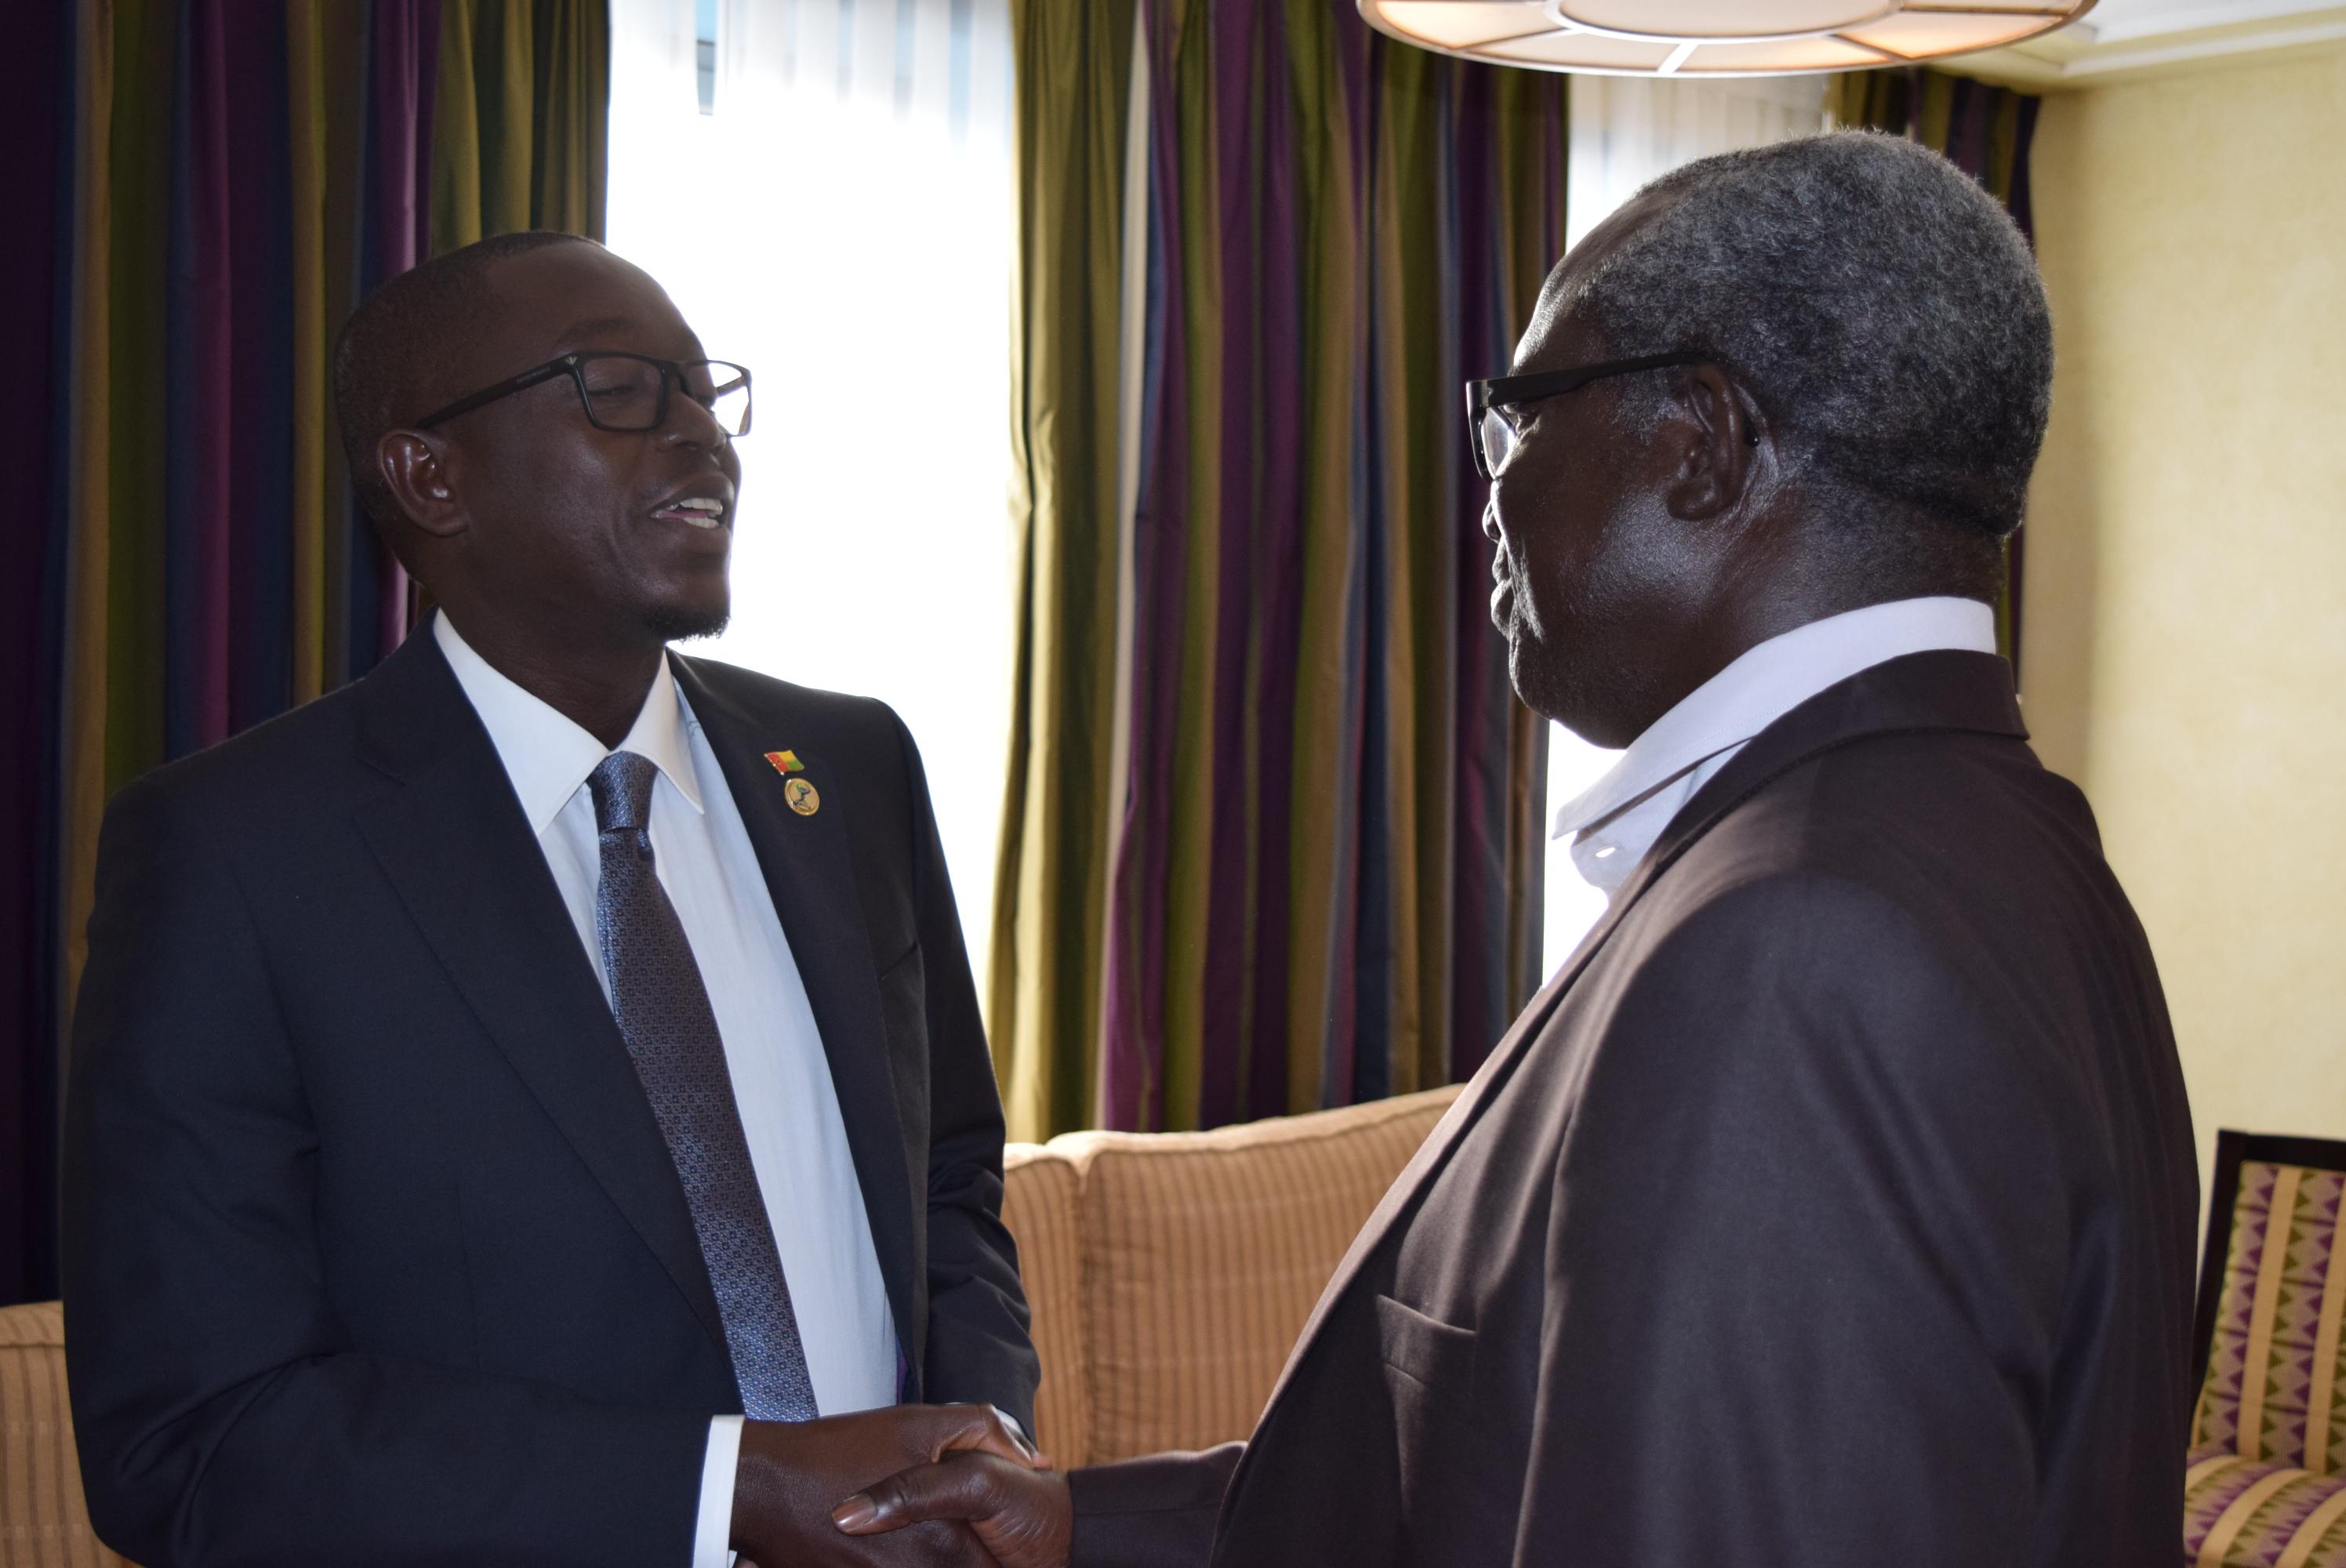 L'actuel Premier Ministre, Baciro Dja sur la crise politique en Guinée Bissau : « Nous avons la légalité constitutionnelle, la légitimité populaire, la majorité parlementaire, le soutien du peuple et de la CEDEAO »